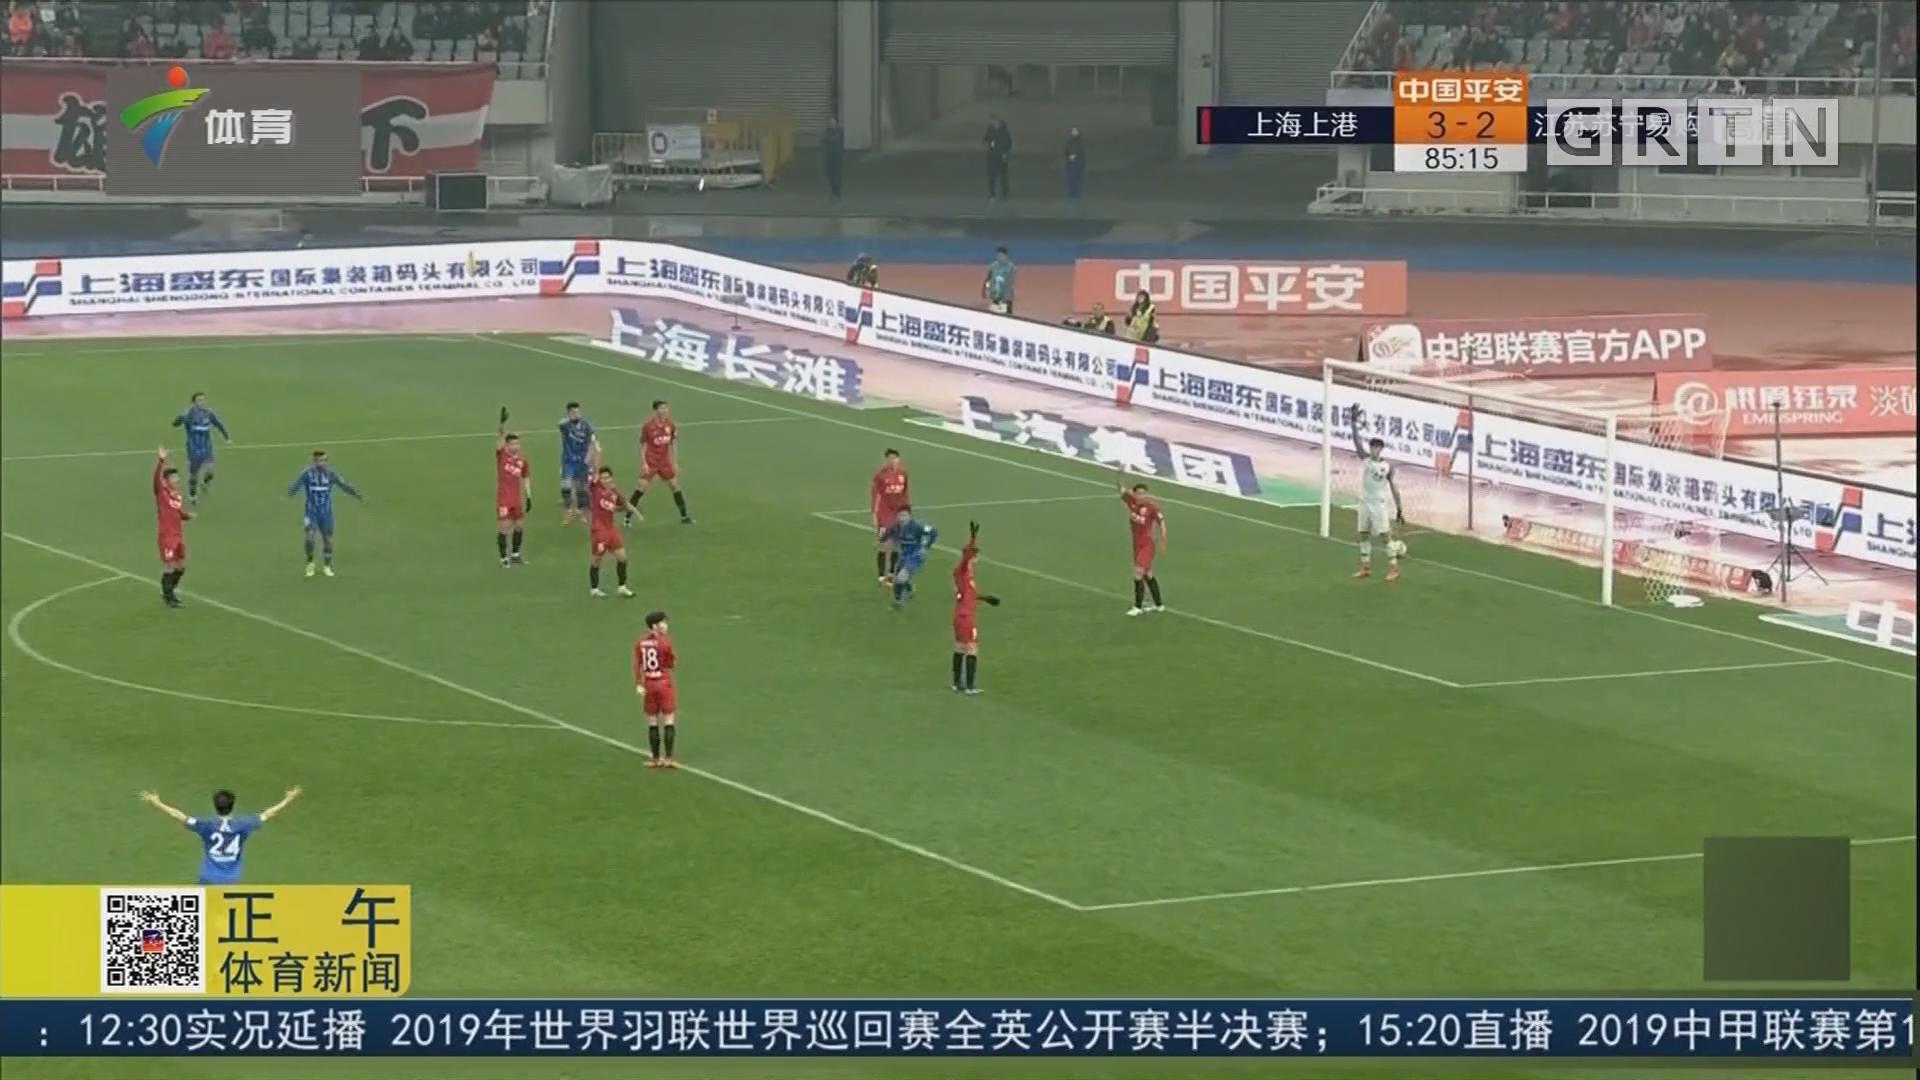 梦幻开局 有惊无险 上海上港取三分